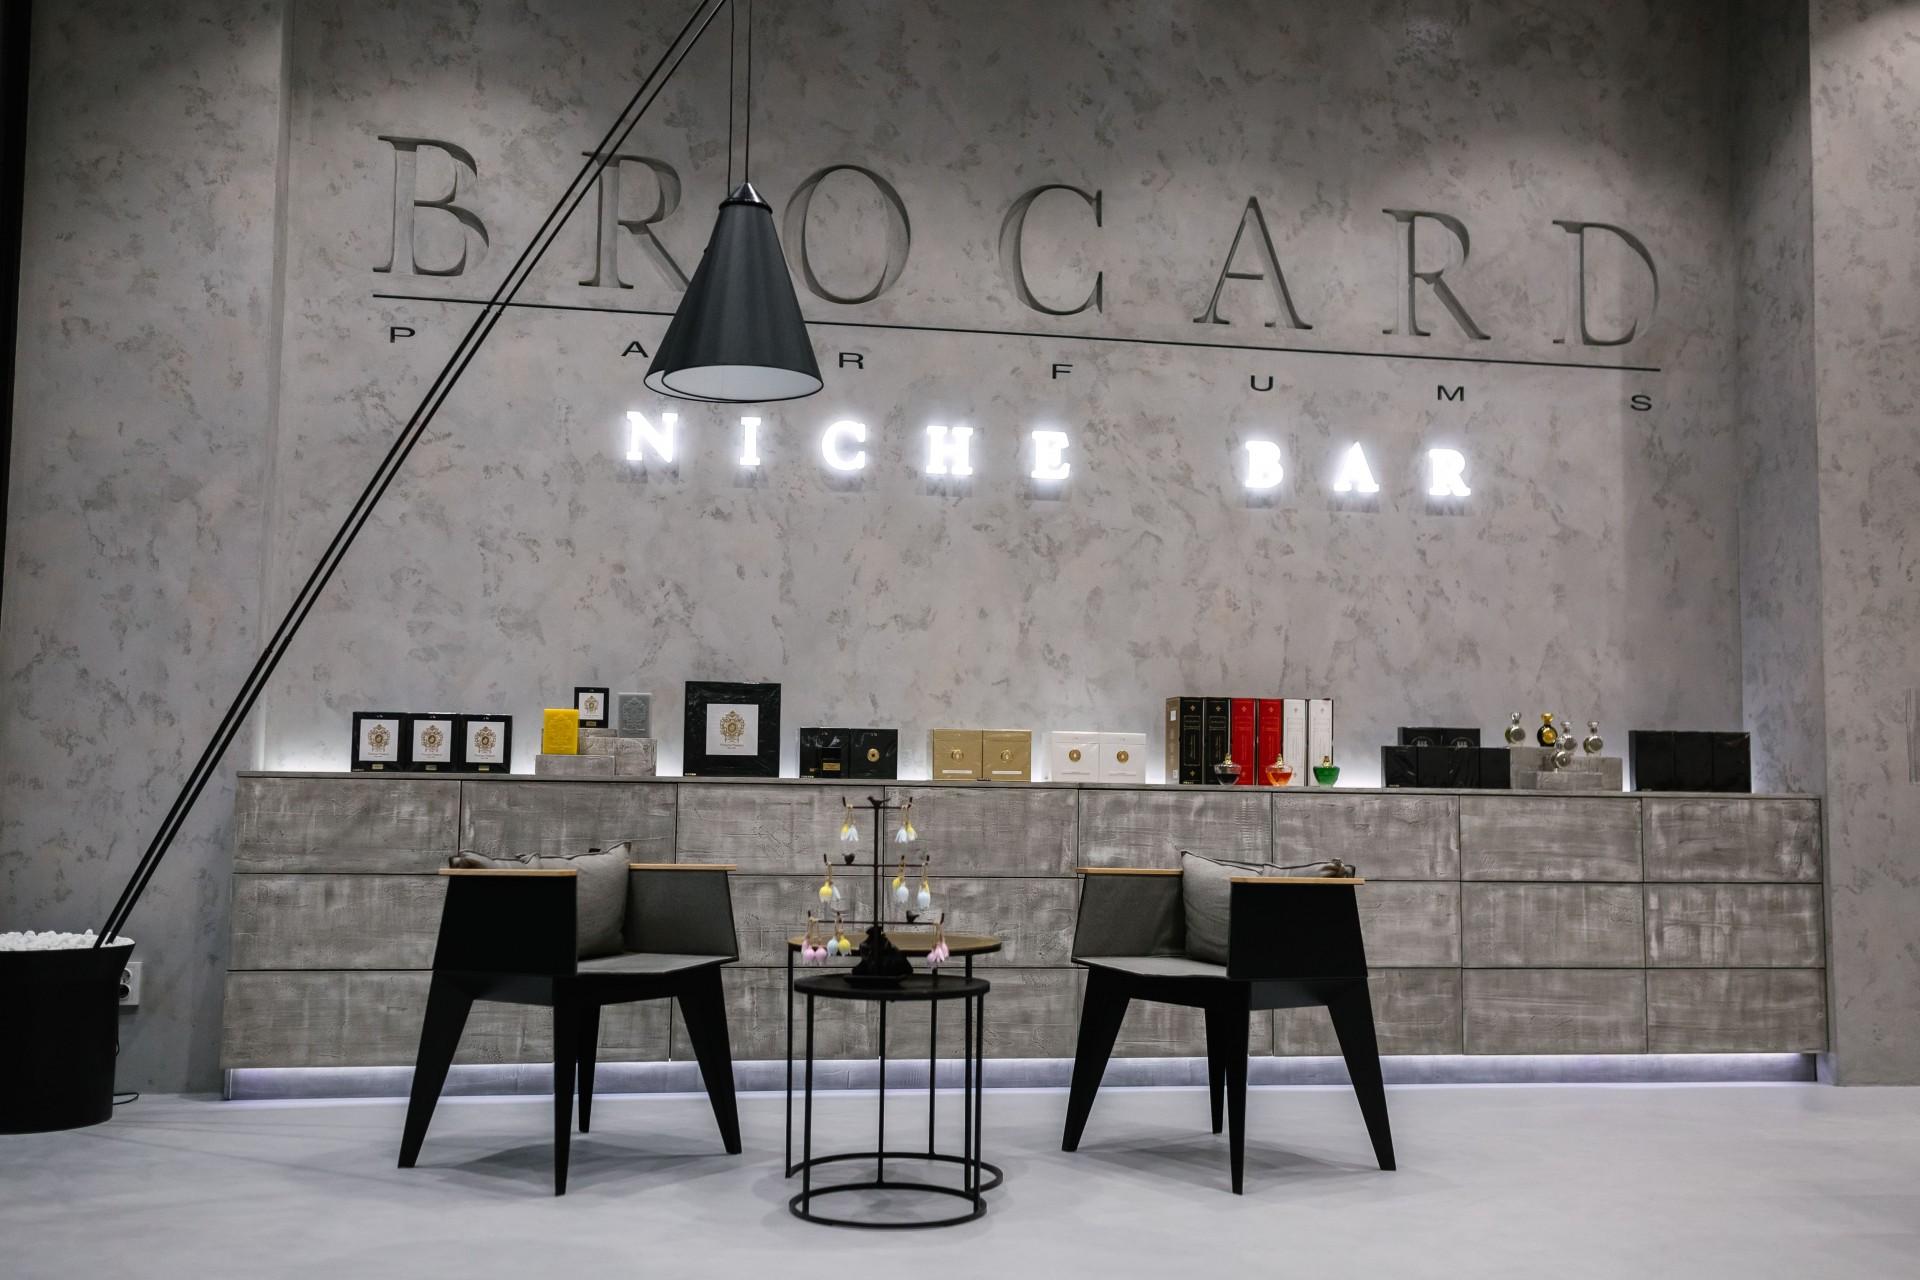 Brocar d Niche Bar как пример запоминающегося интерьера